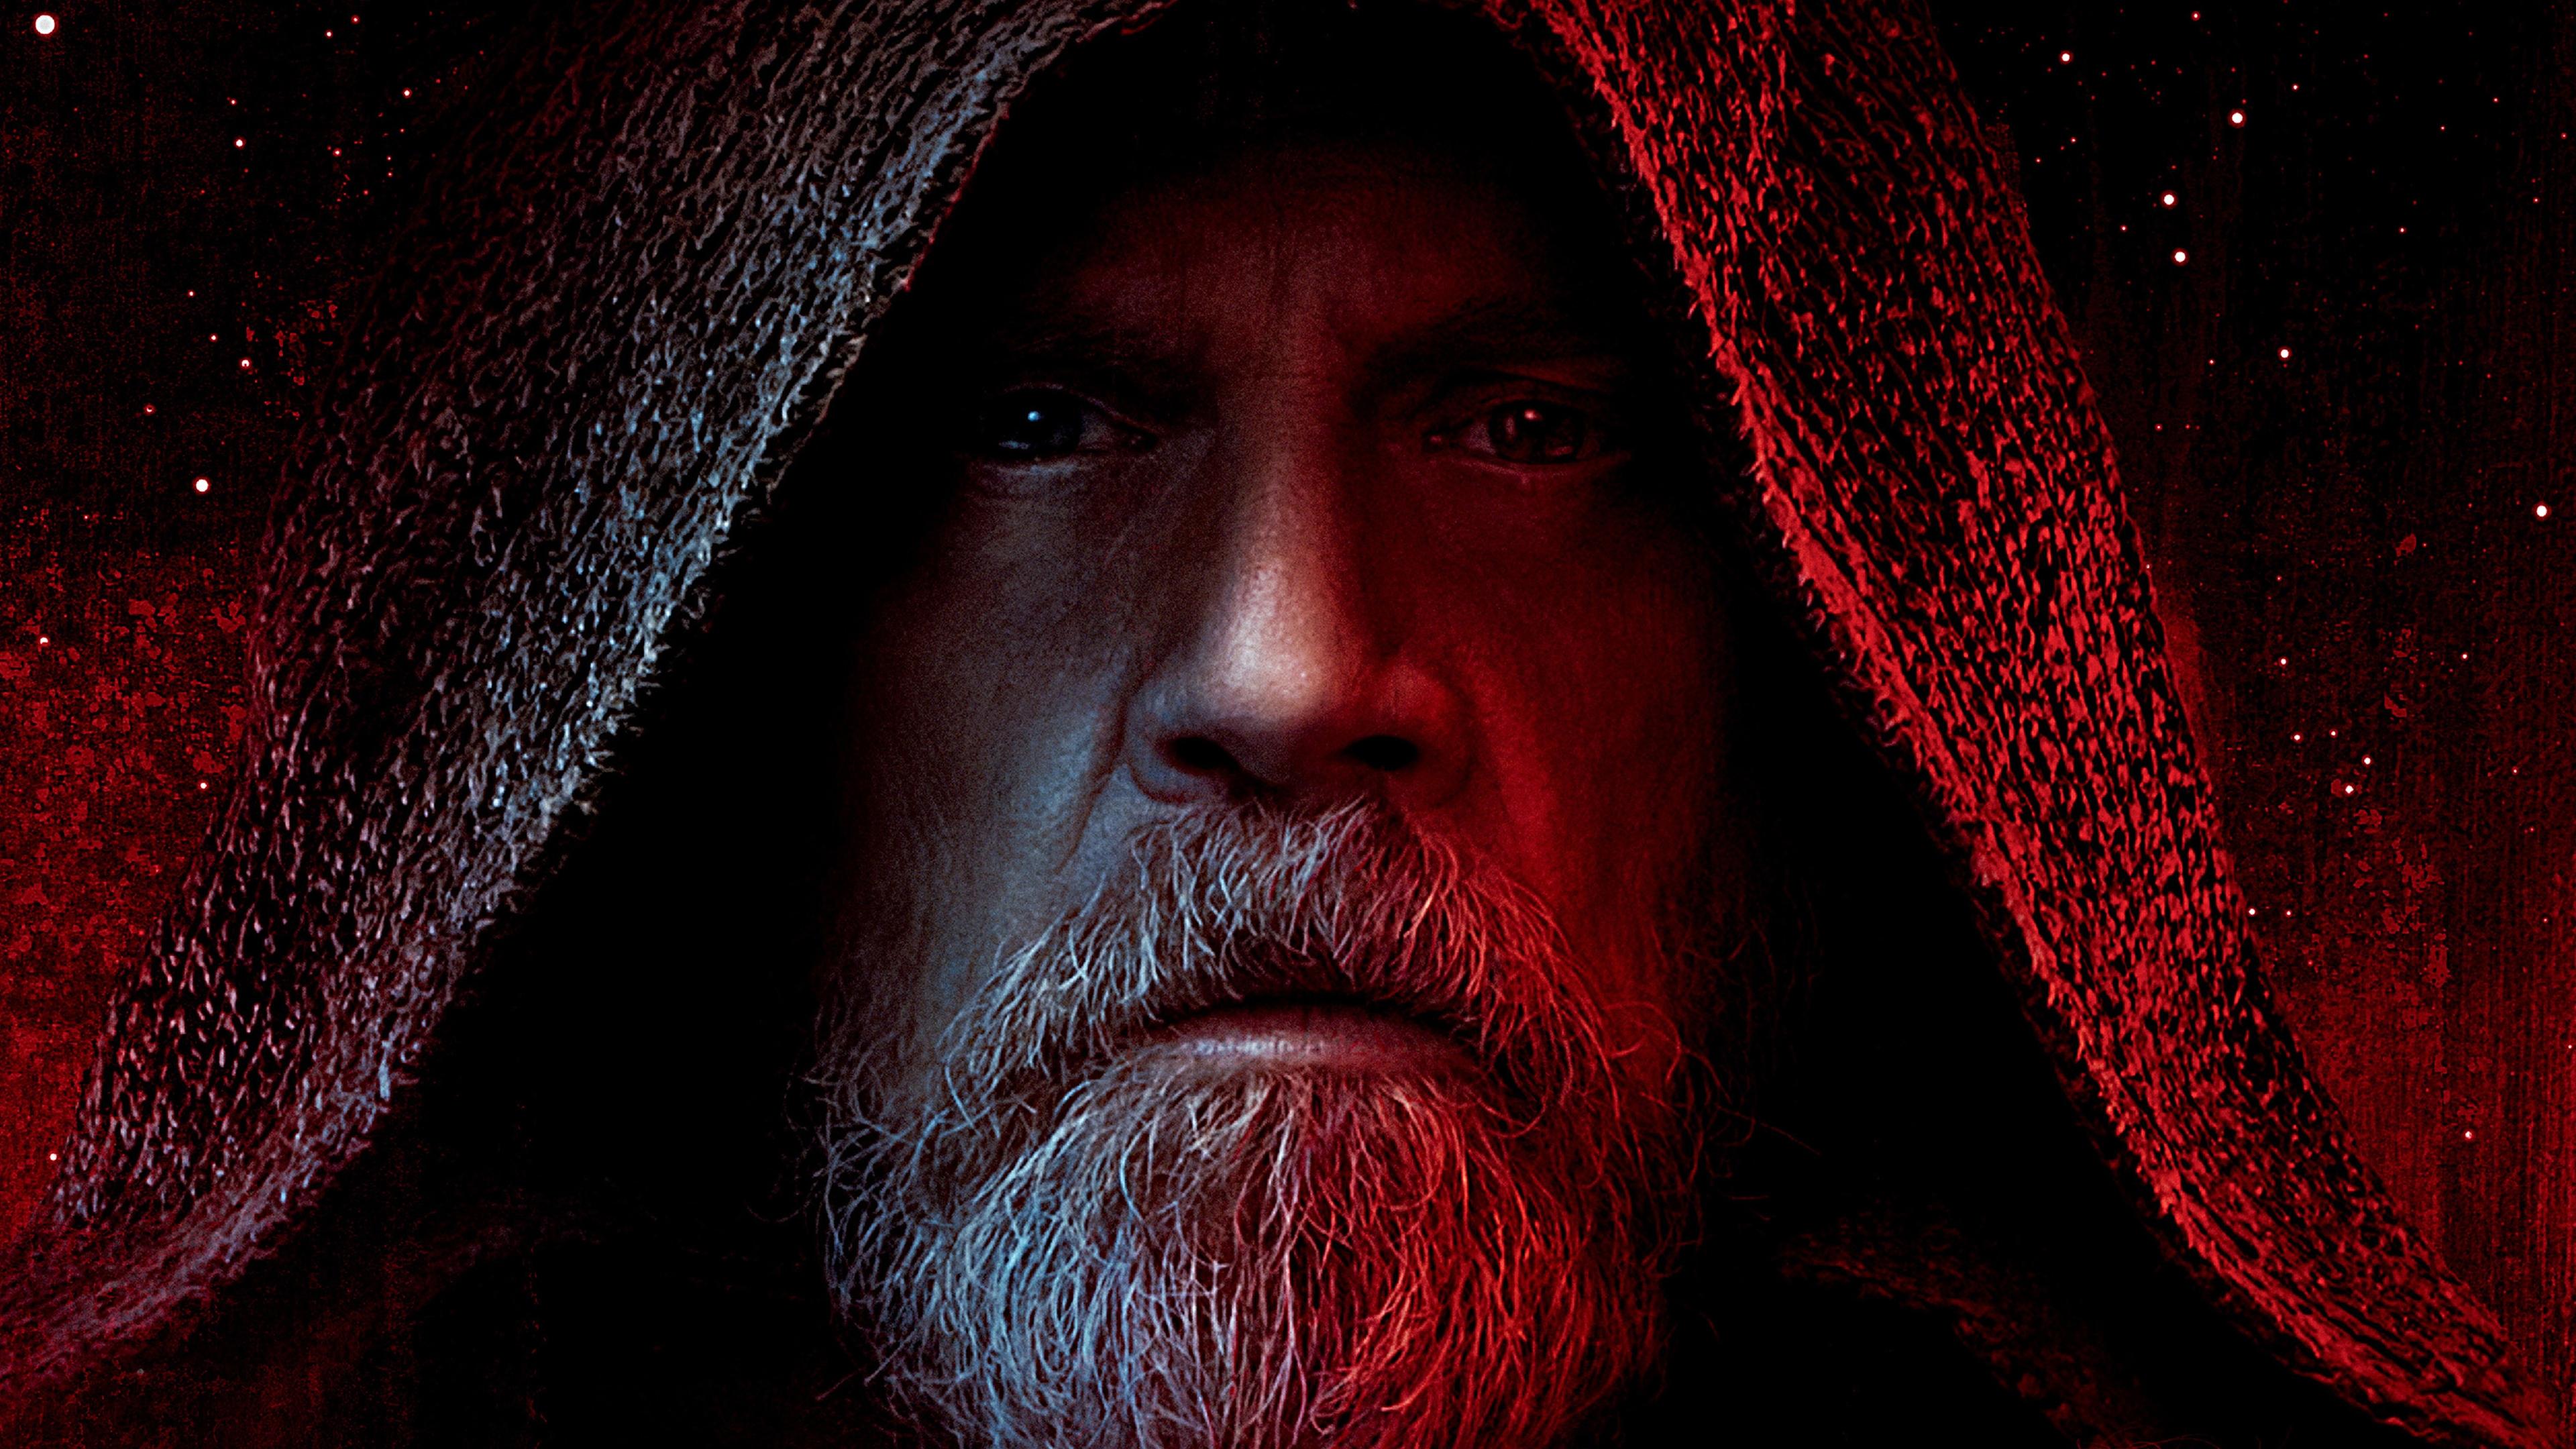 Star Wars The Last Jedi 4K UHD Wallpaper